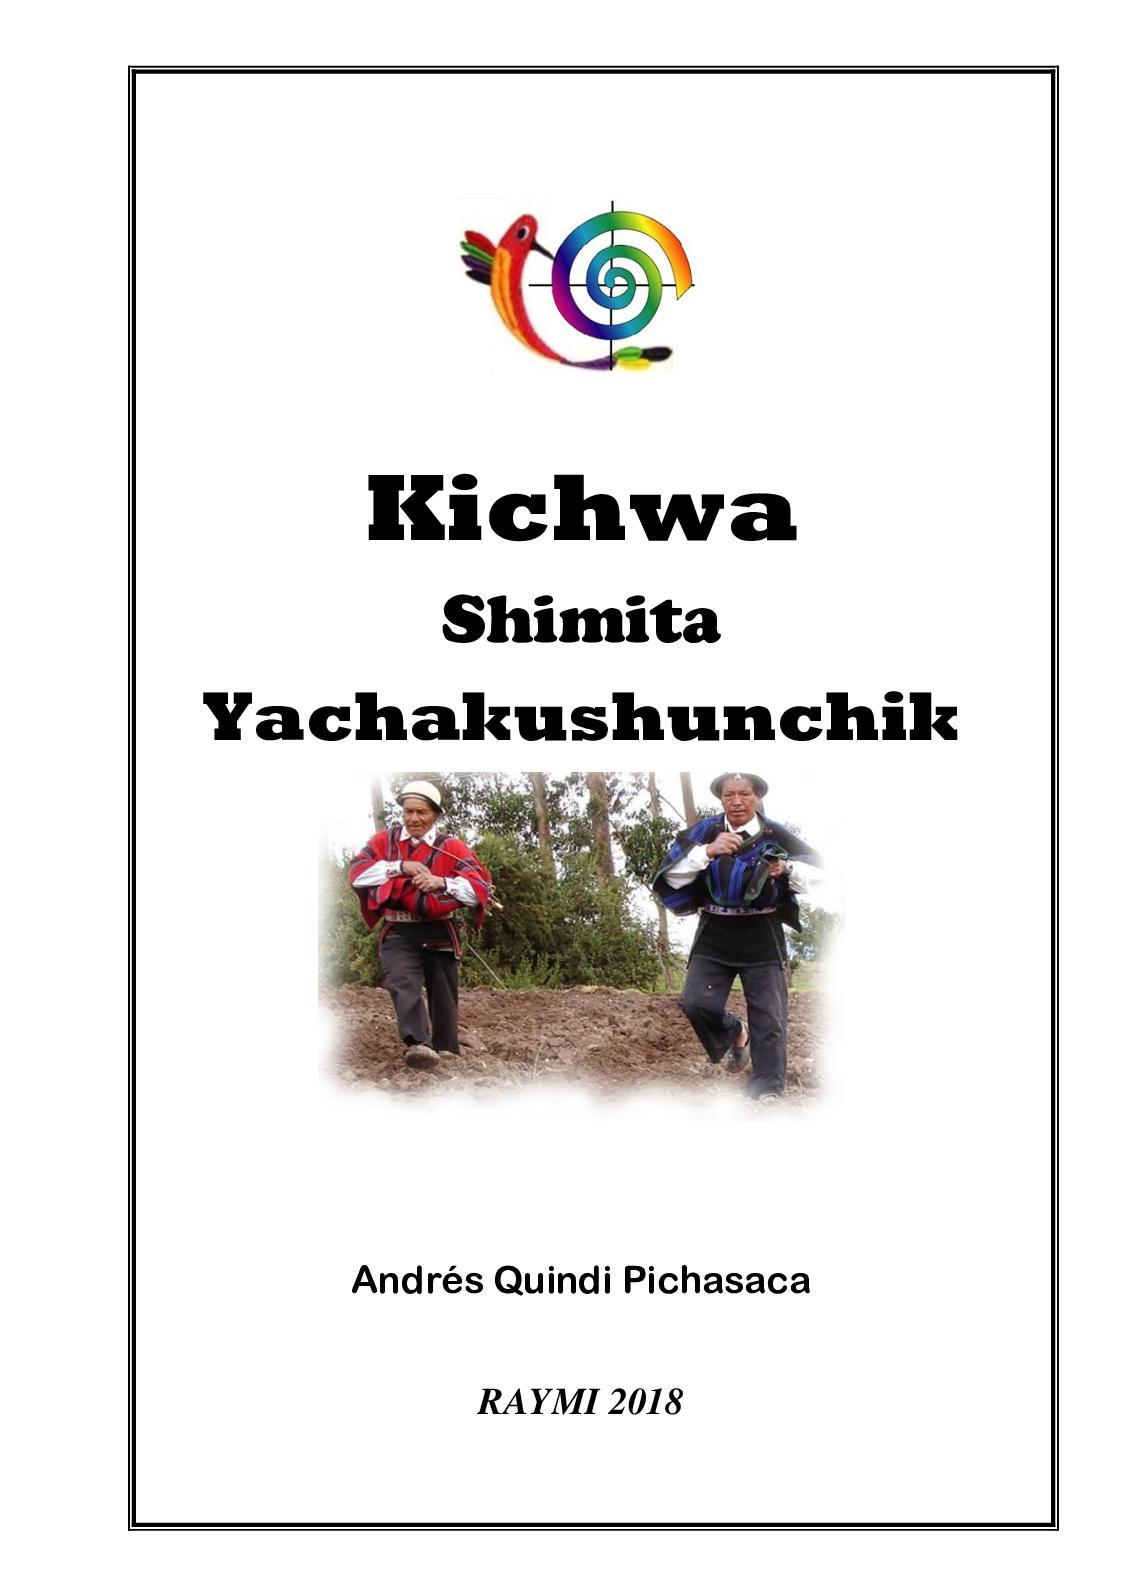 Calameo Kichwa Shimita Yachakushunchik